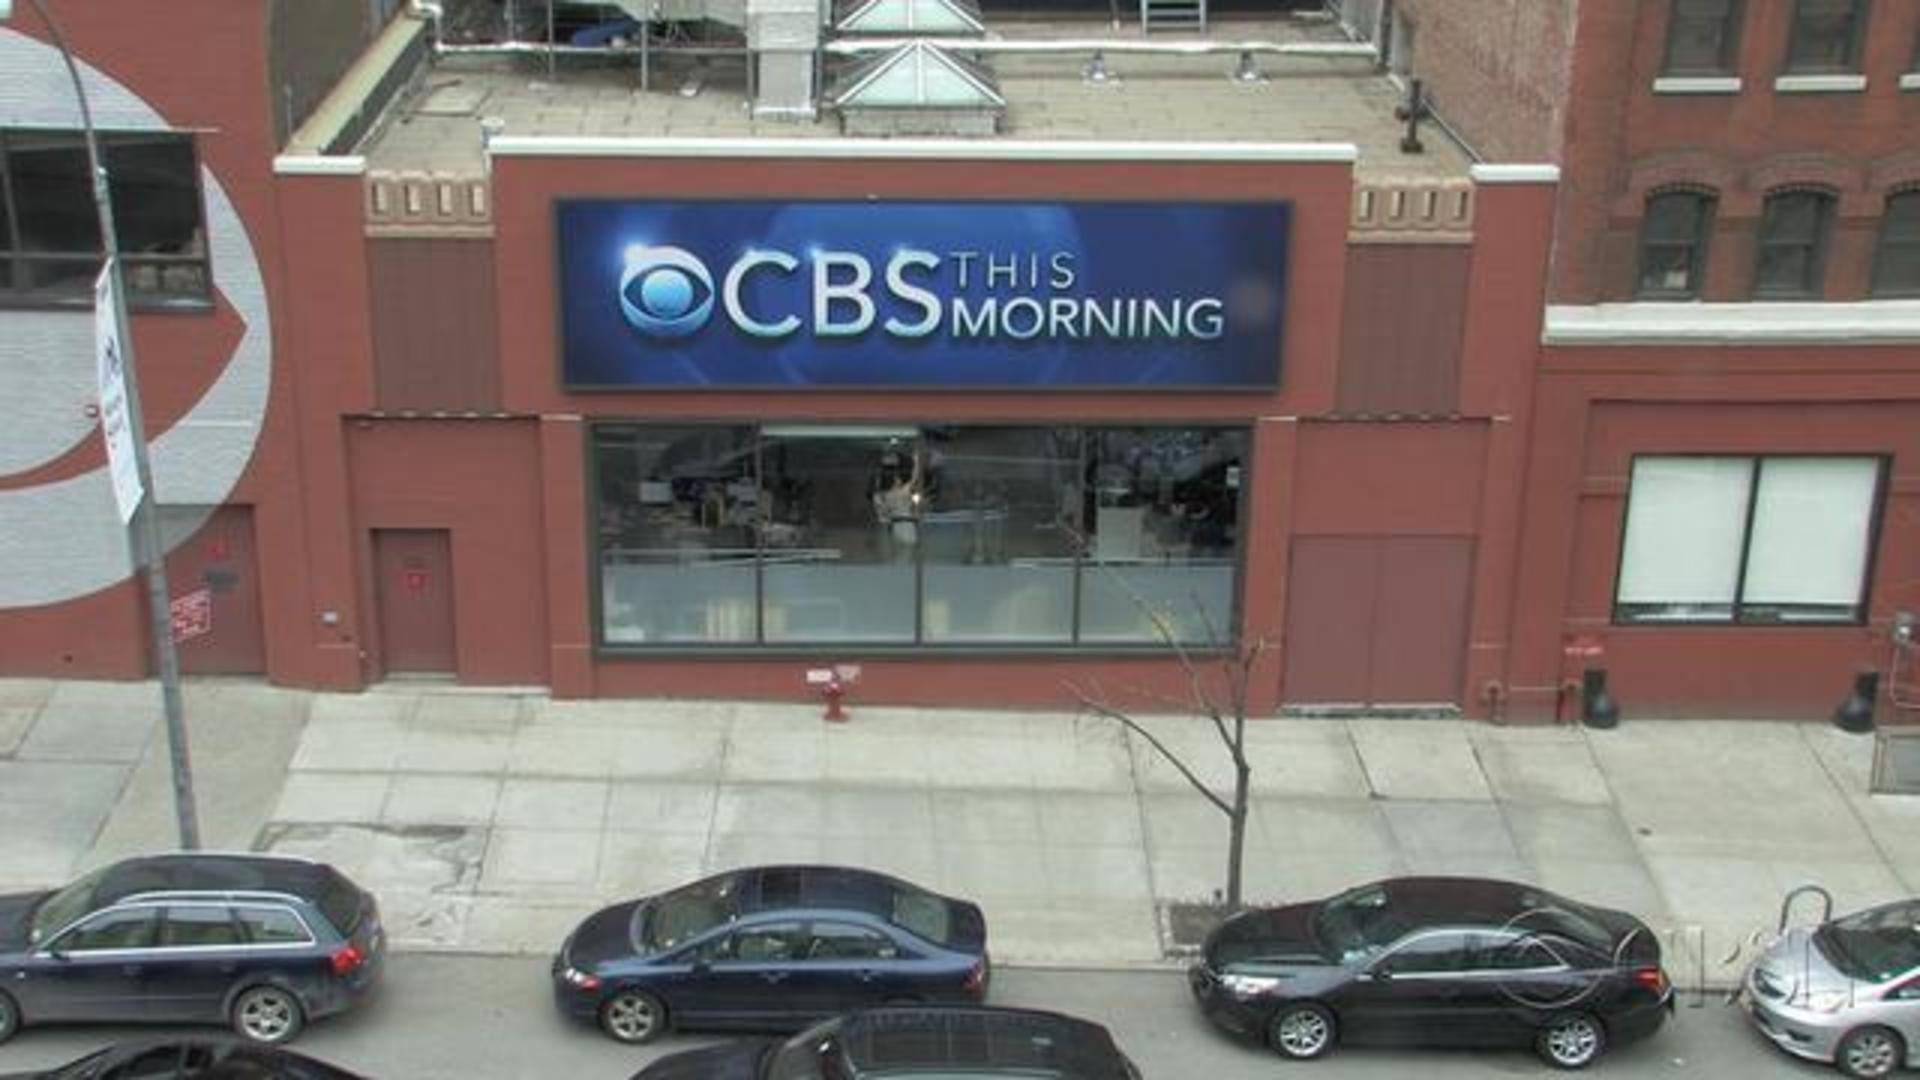 http://www.cbsnews.com/video/coming-up-on-cbs-this-morning-april-1/  http://cbsnews1.cbsistatic.com/hub/i/r/2015/03 ...